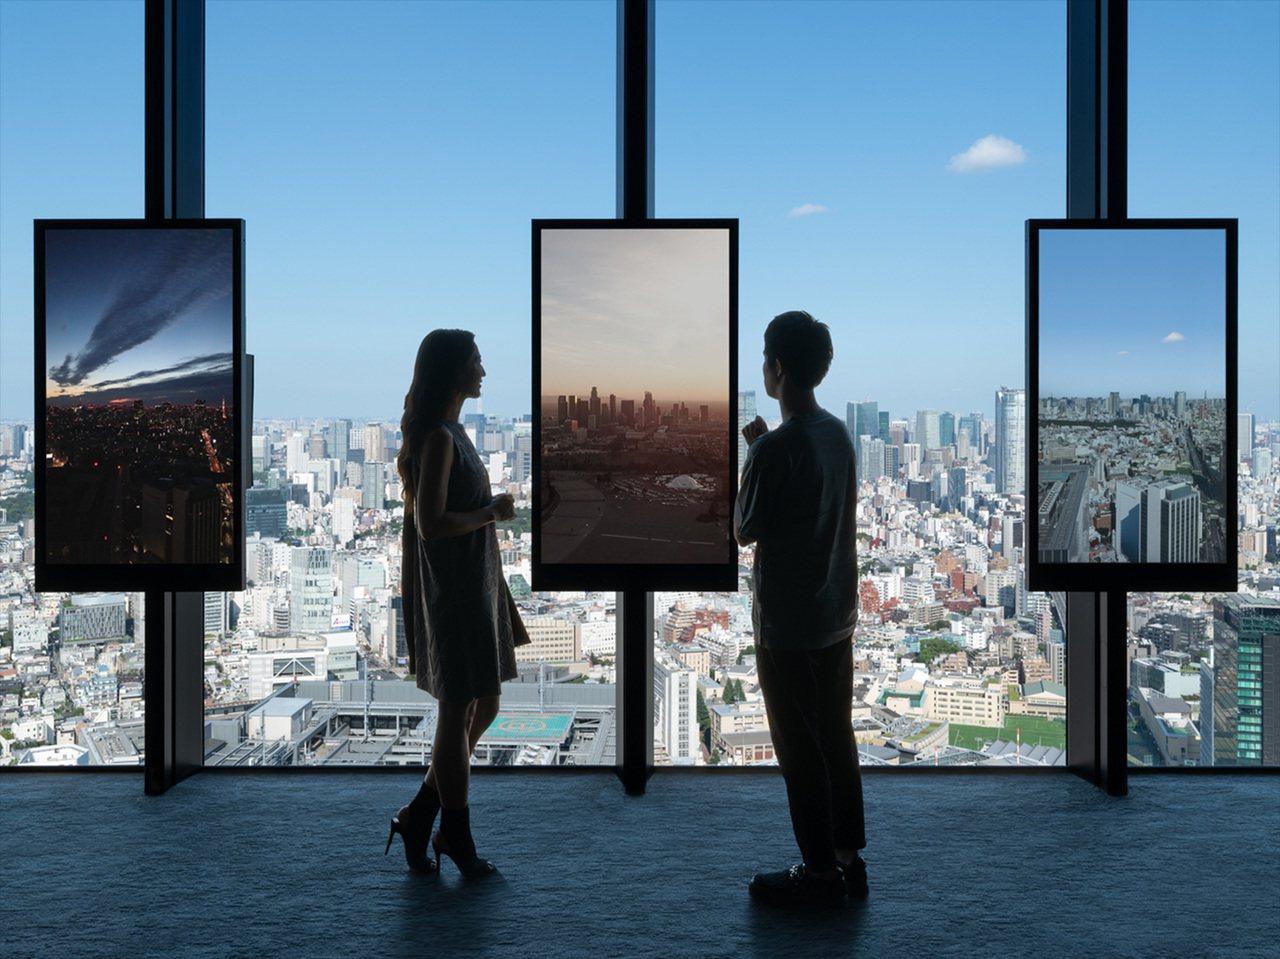 位於「天空迴廊(Sky Gallery)」的「平行視窗(Parallel Win...